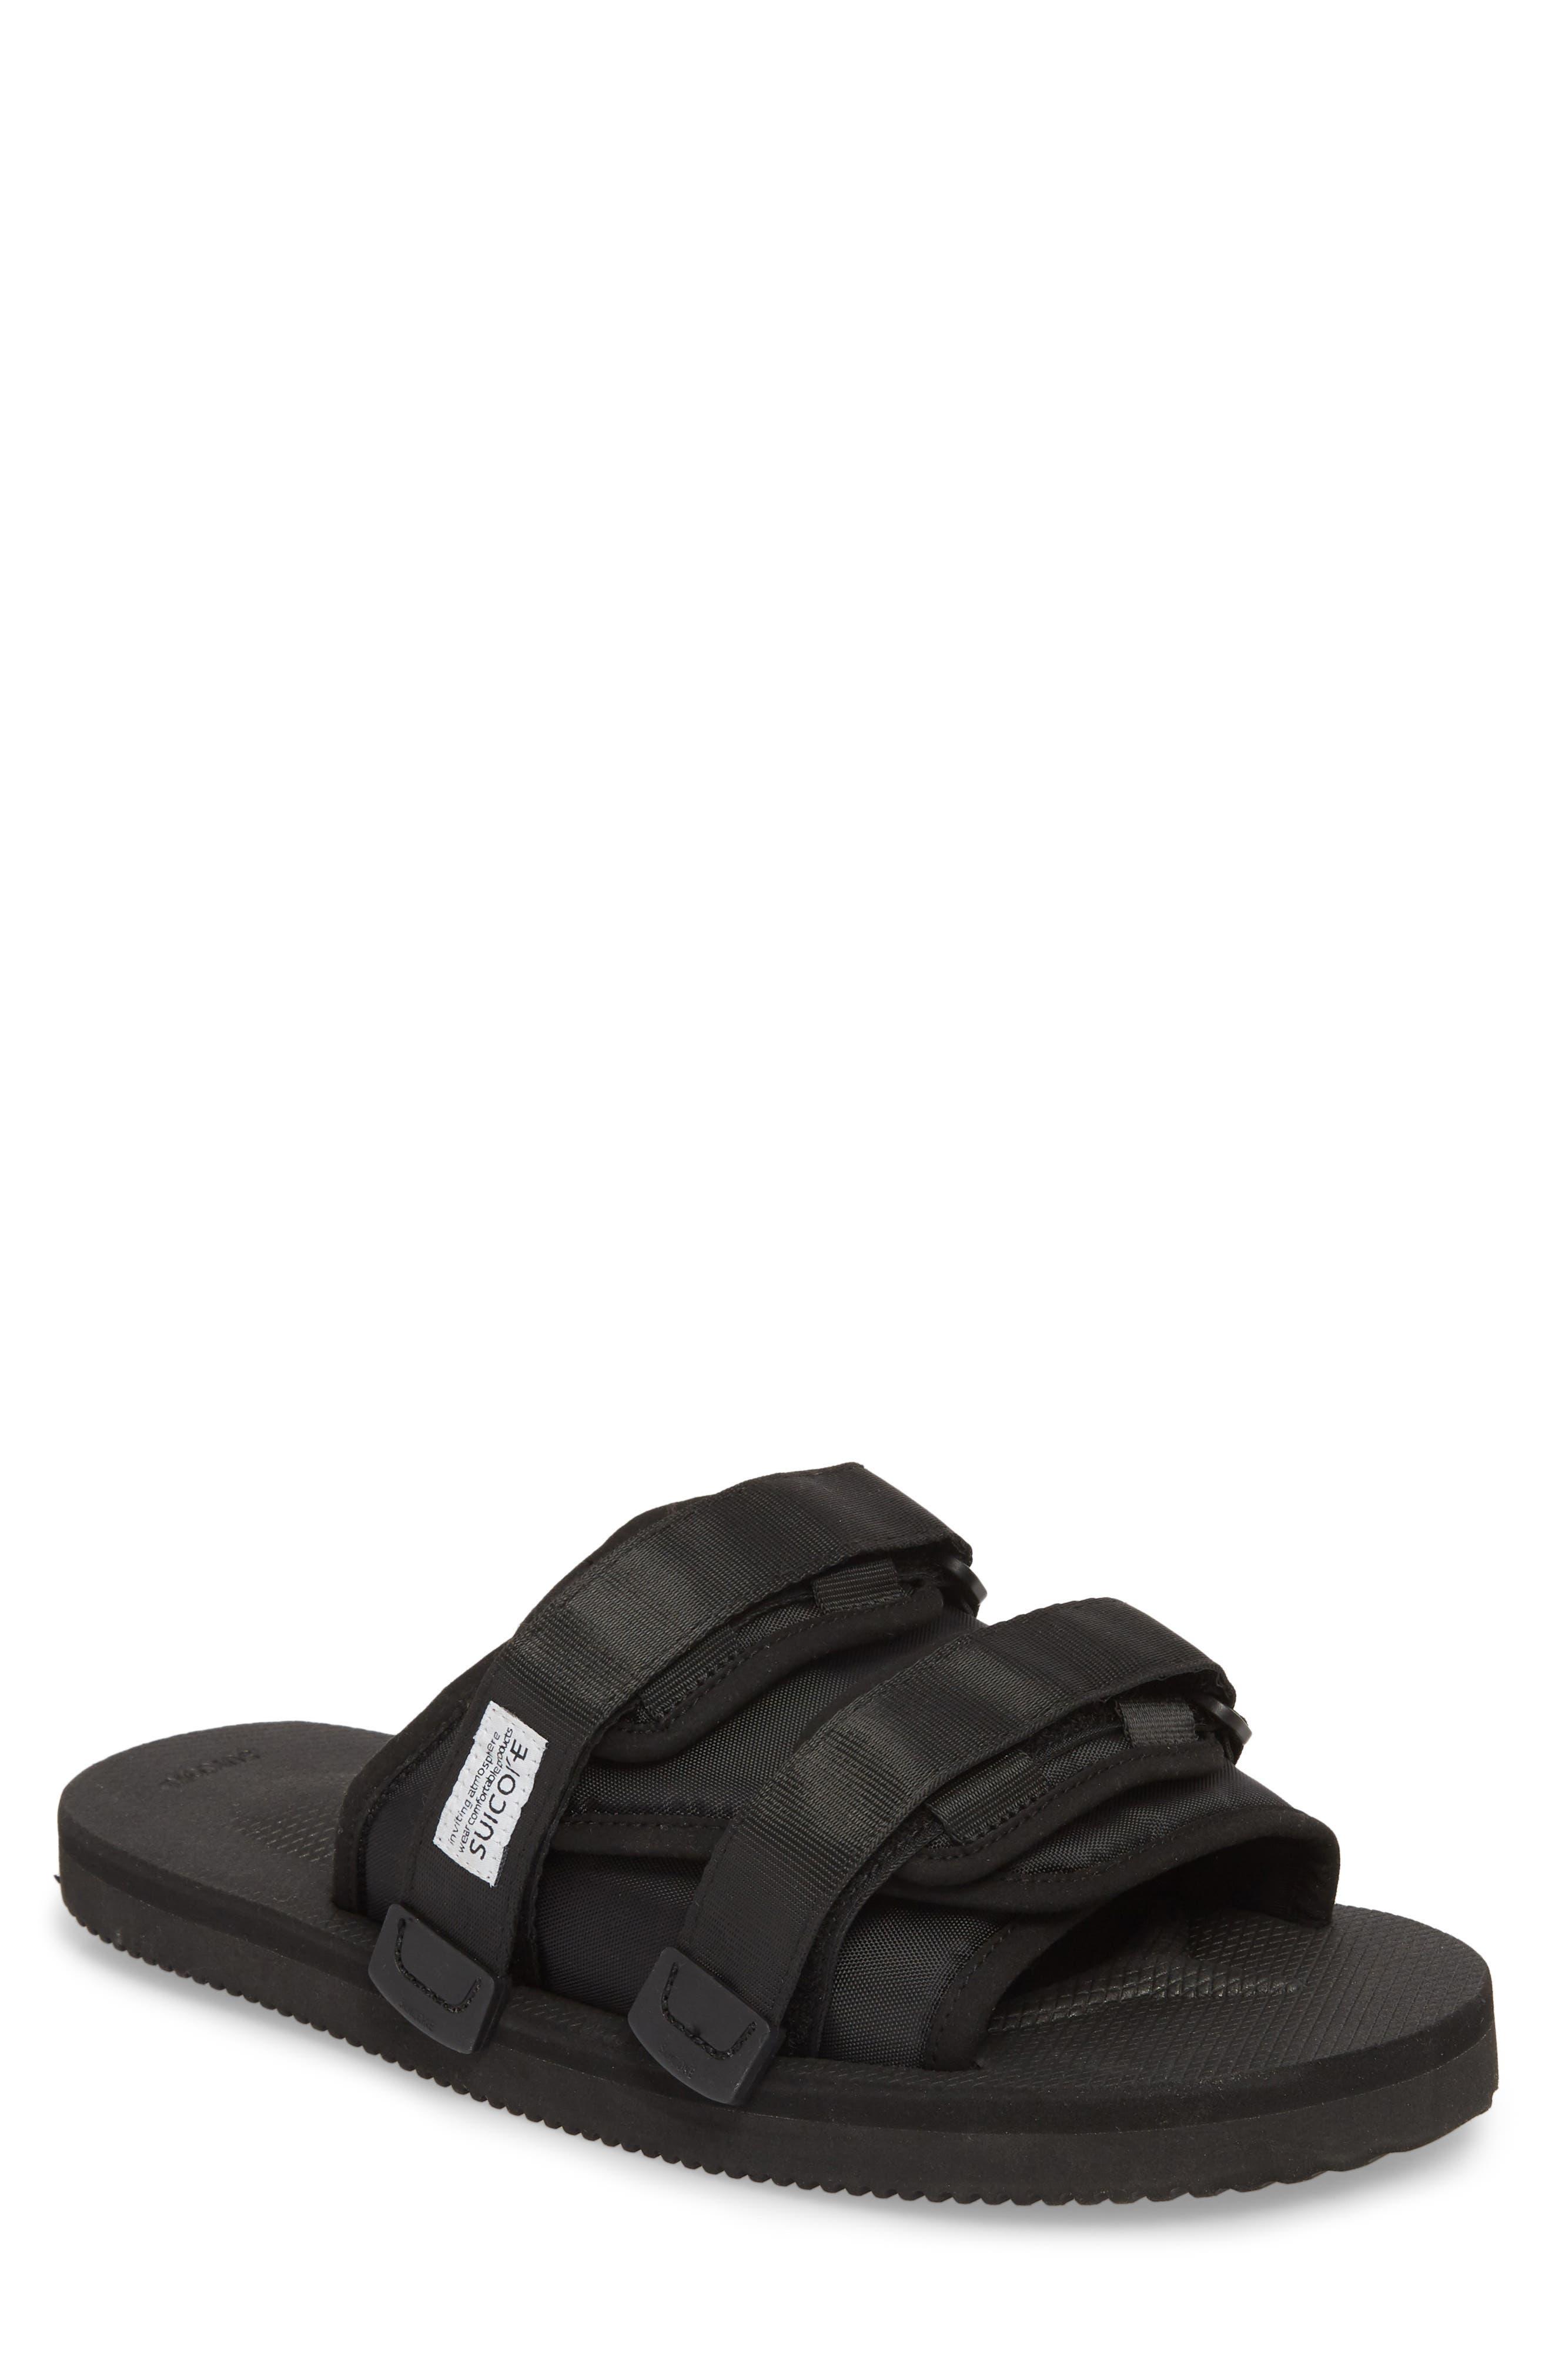 Moto Cab Slide Sandal,                         Main,                         color, Black